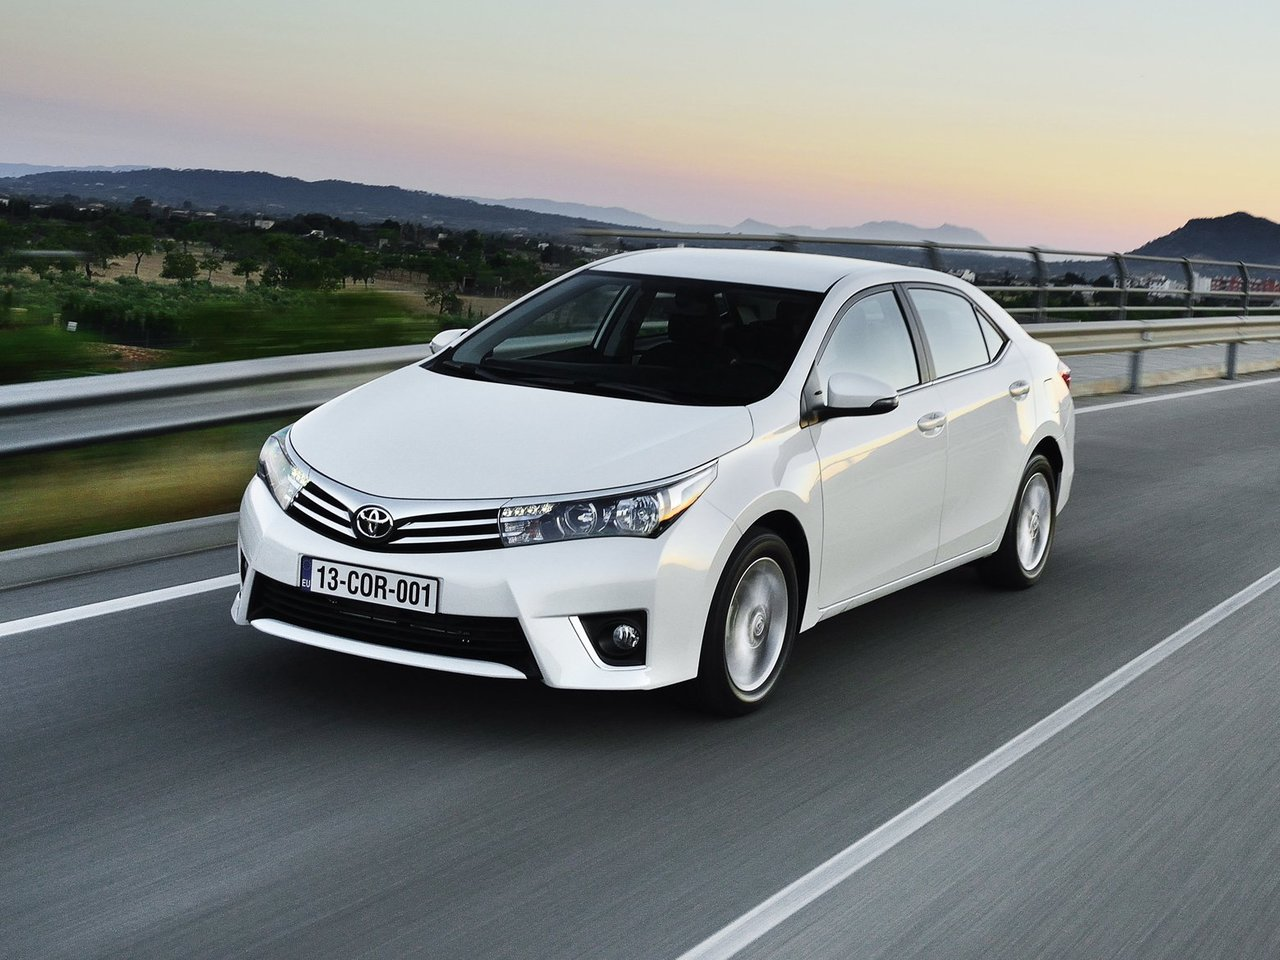 Снимки: Toyota Corolla XI